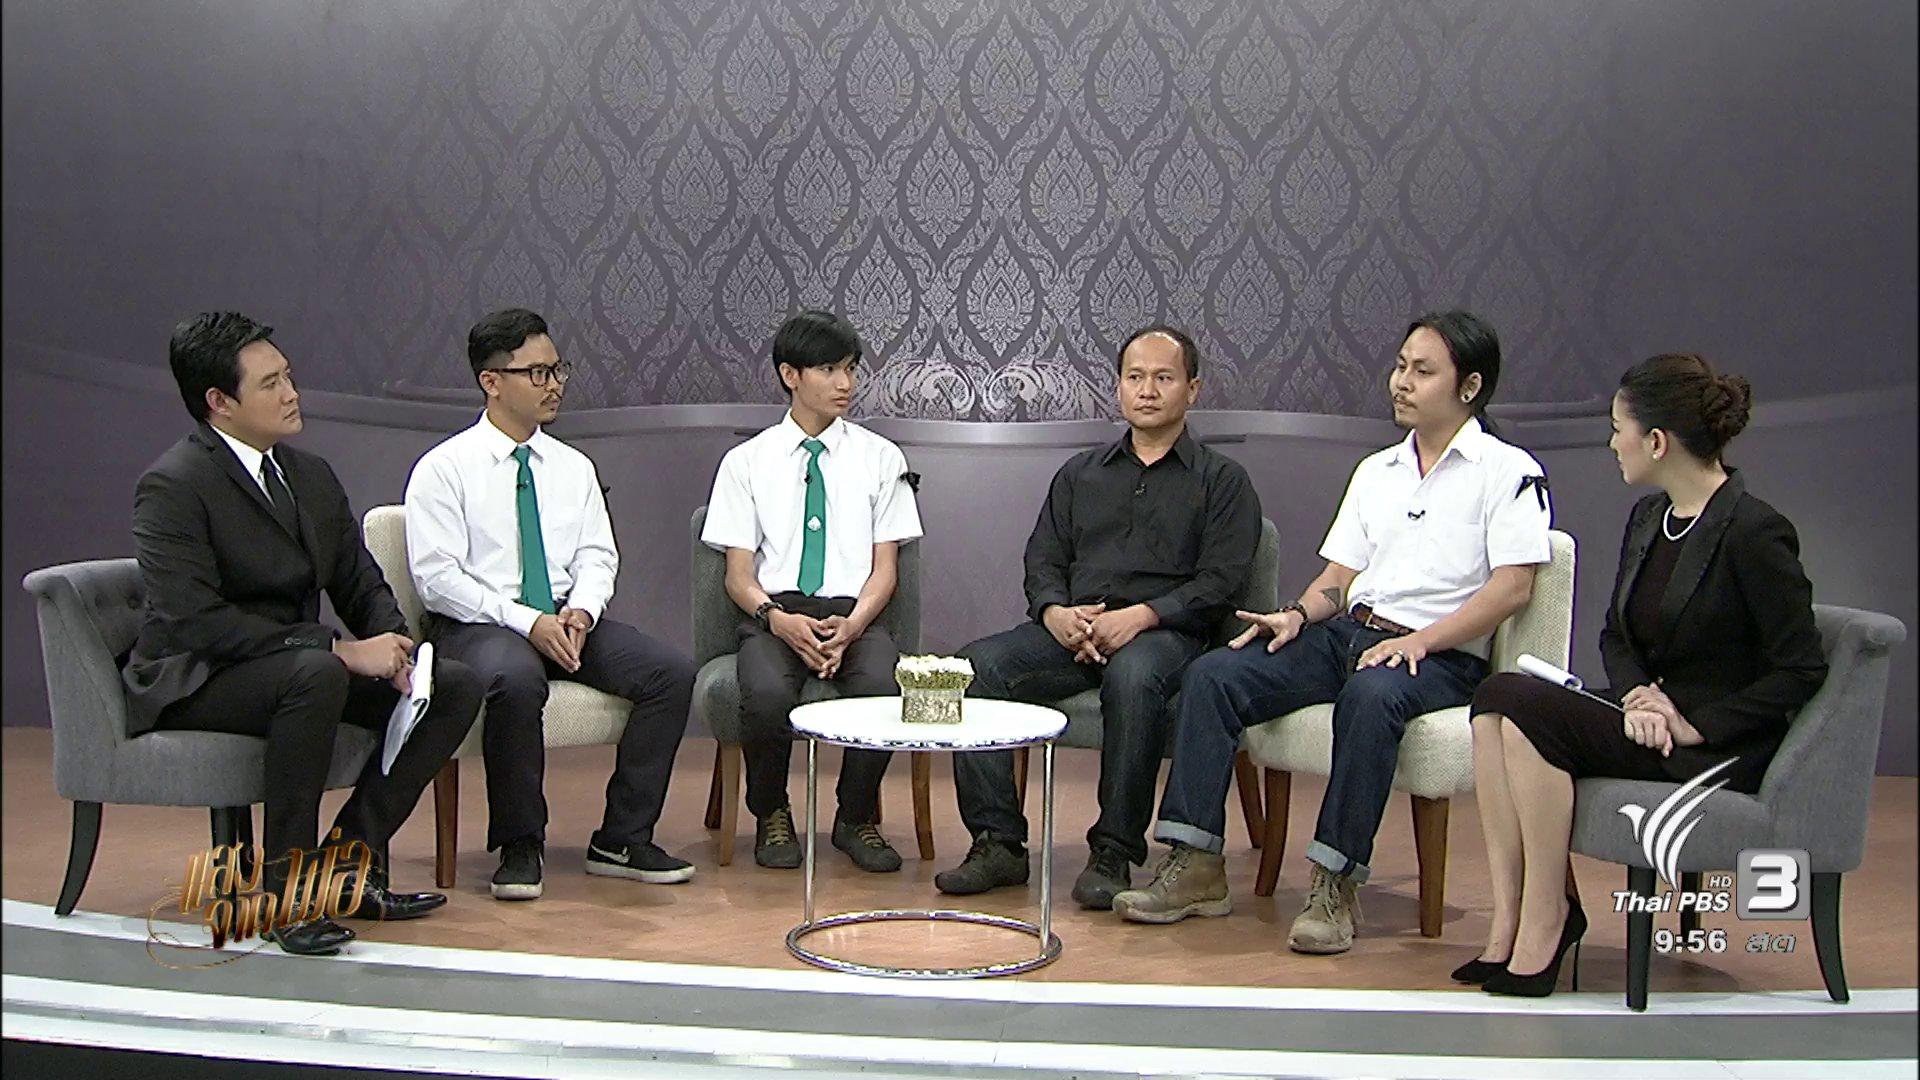 """แสงจากพ่อ - ใจถึงใจ คนไทยไม่ทิ้งกัน กลุ่มจิตอาสา เพื่อคนไทยทุกคน"""""""